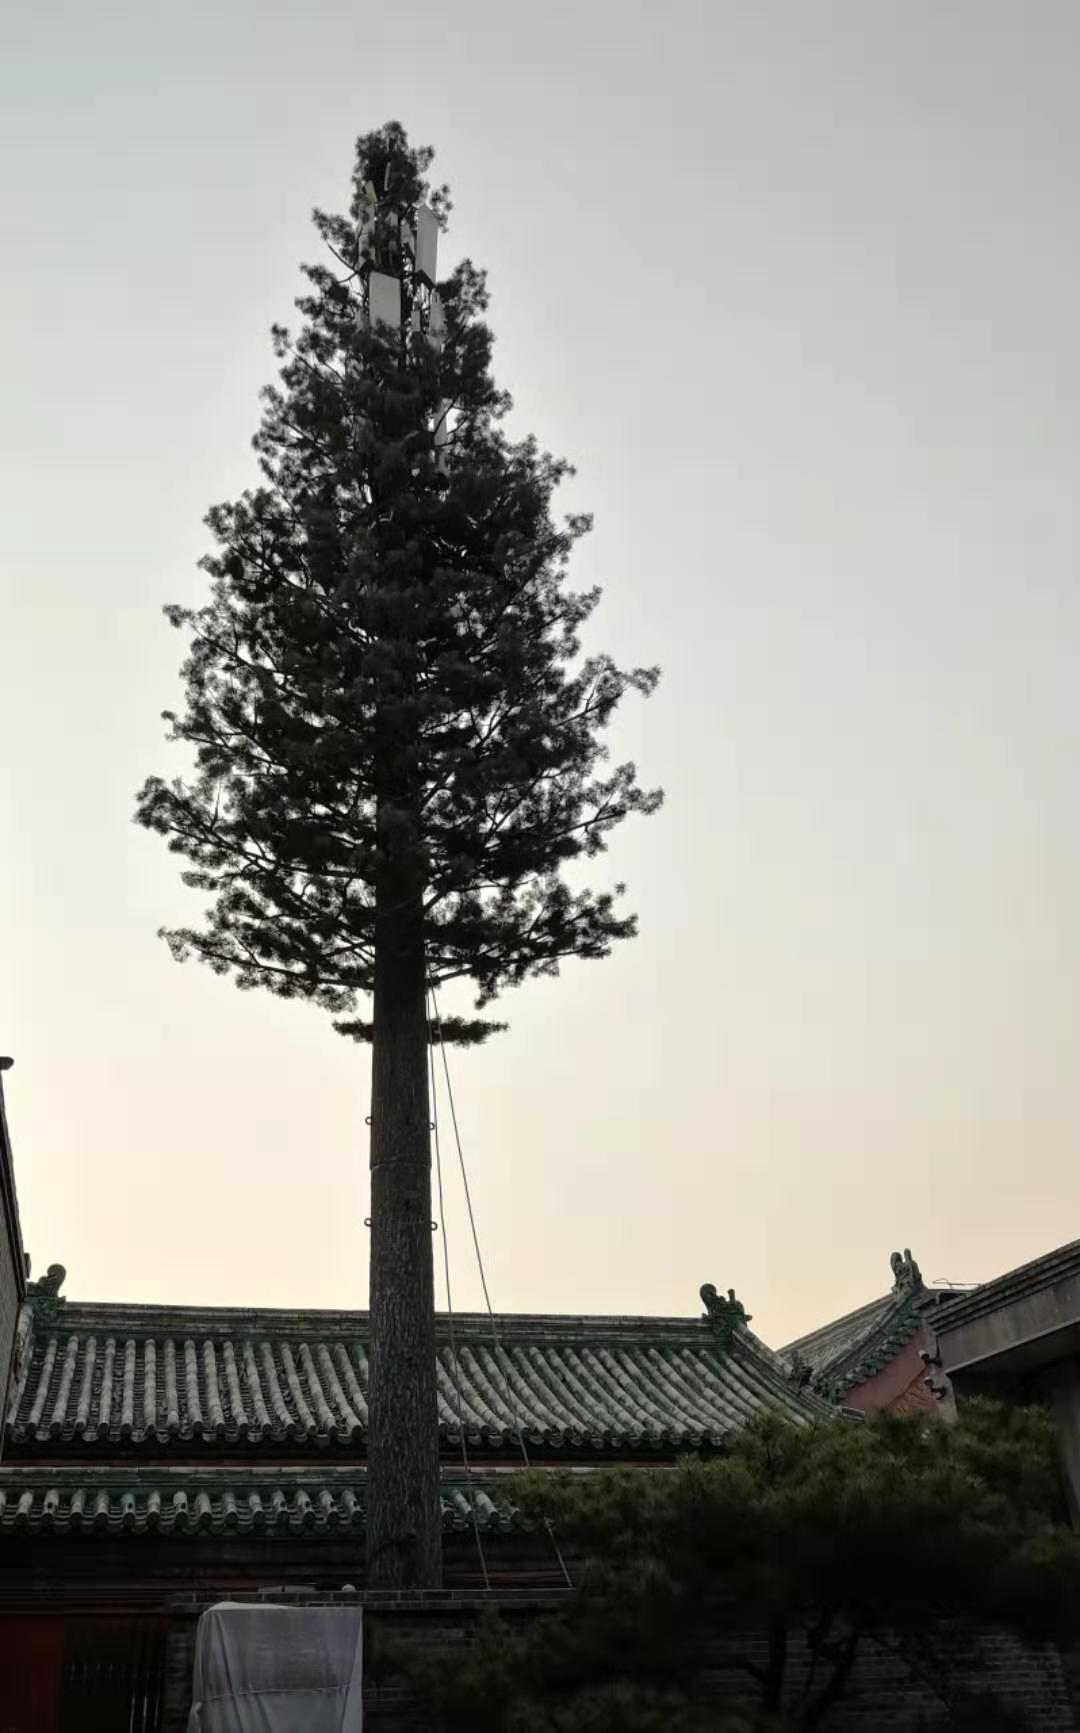 用5G为故宫插上想象的翅膀,传承中华民族的伟大成就